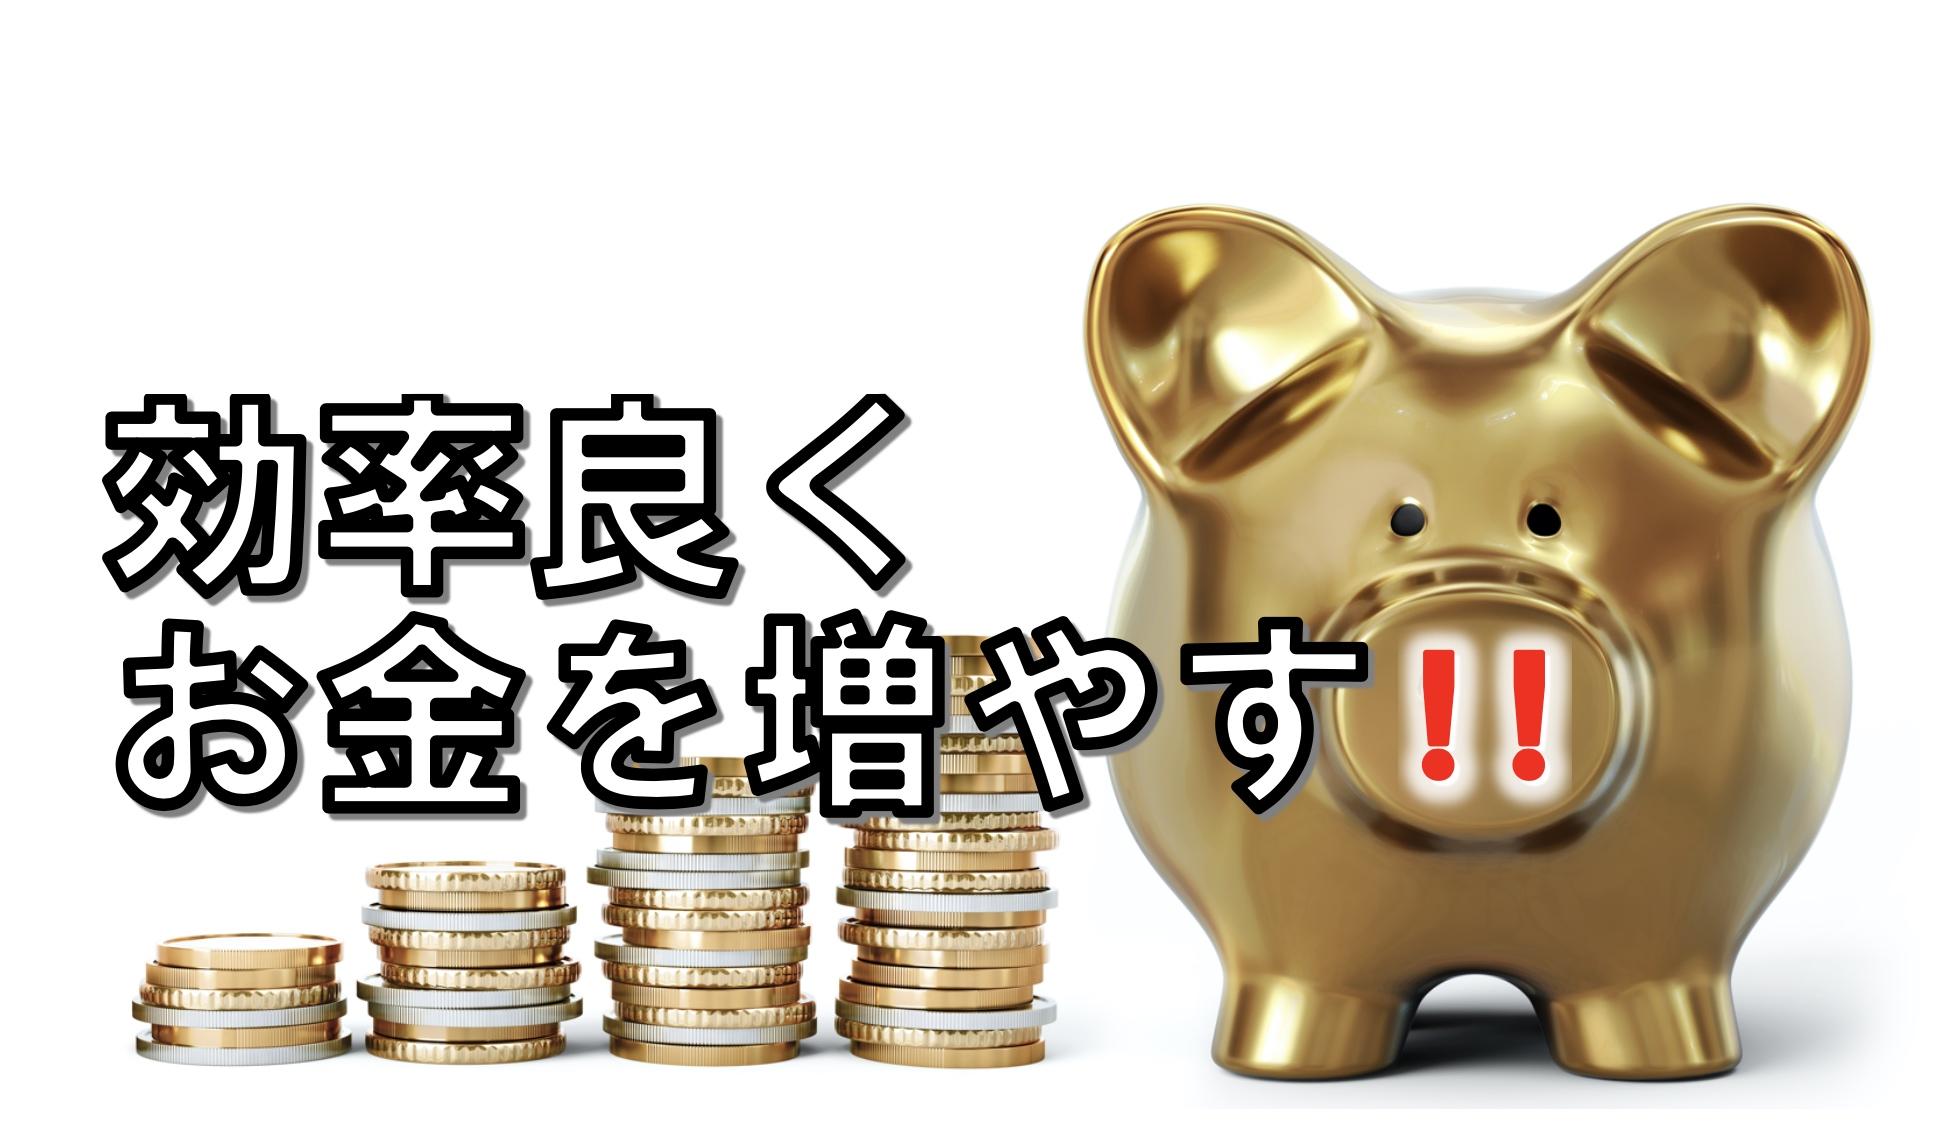 台湾で効率よく お金を貯める!